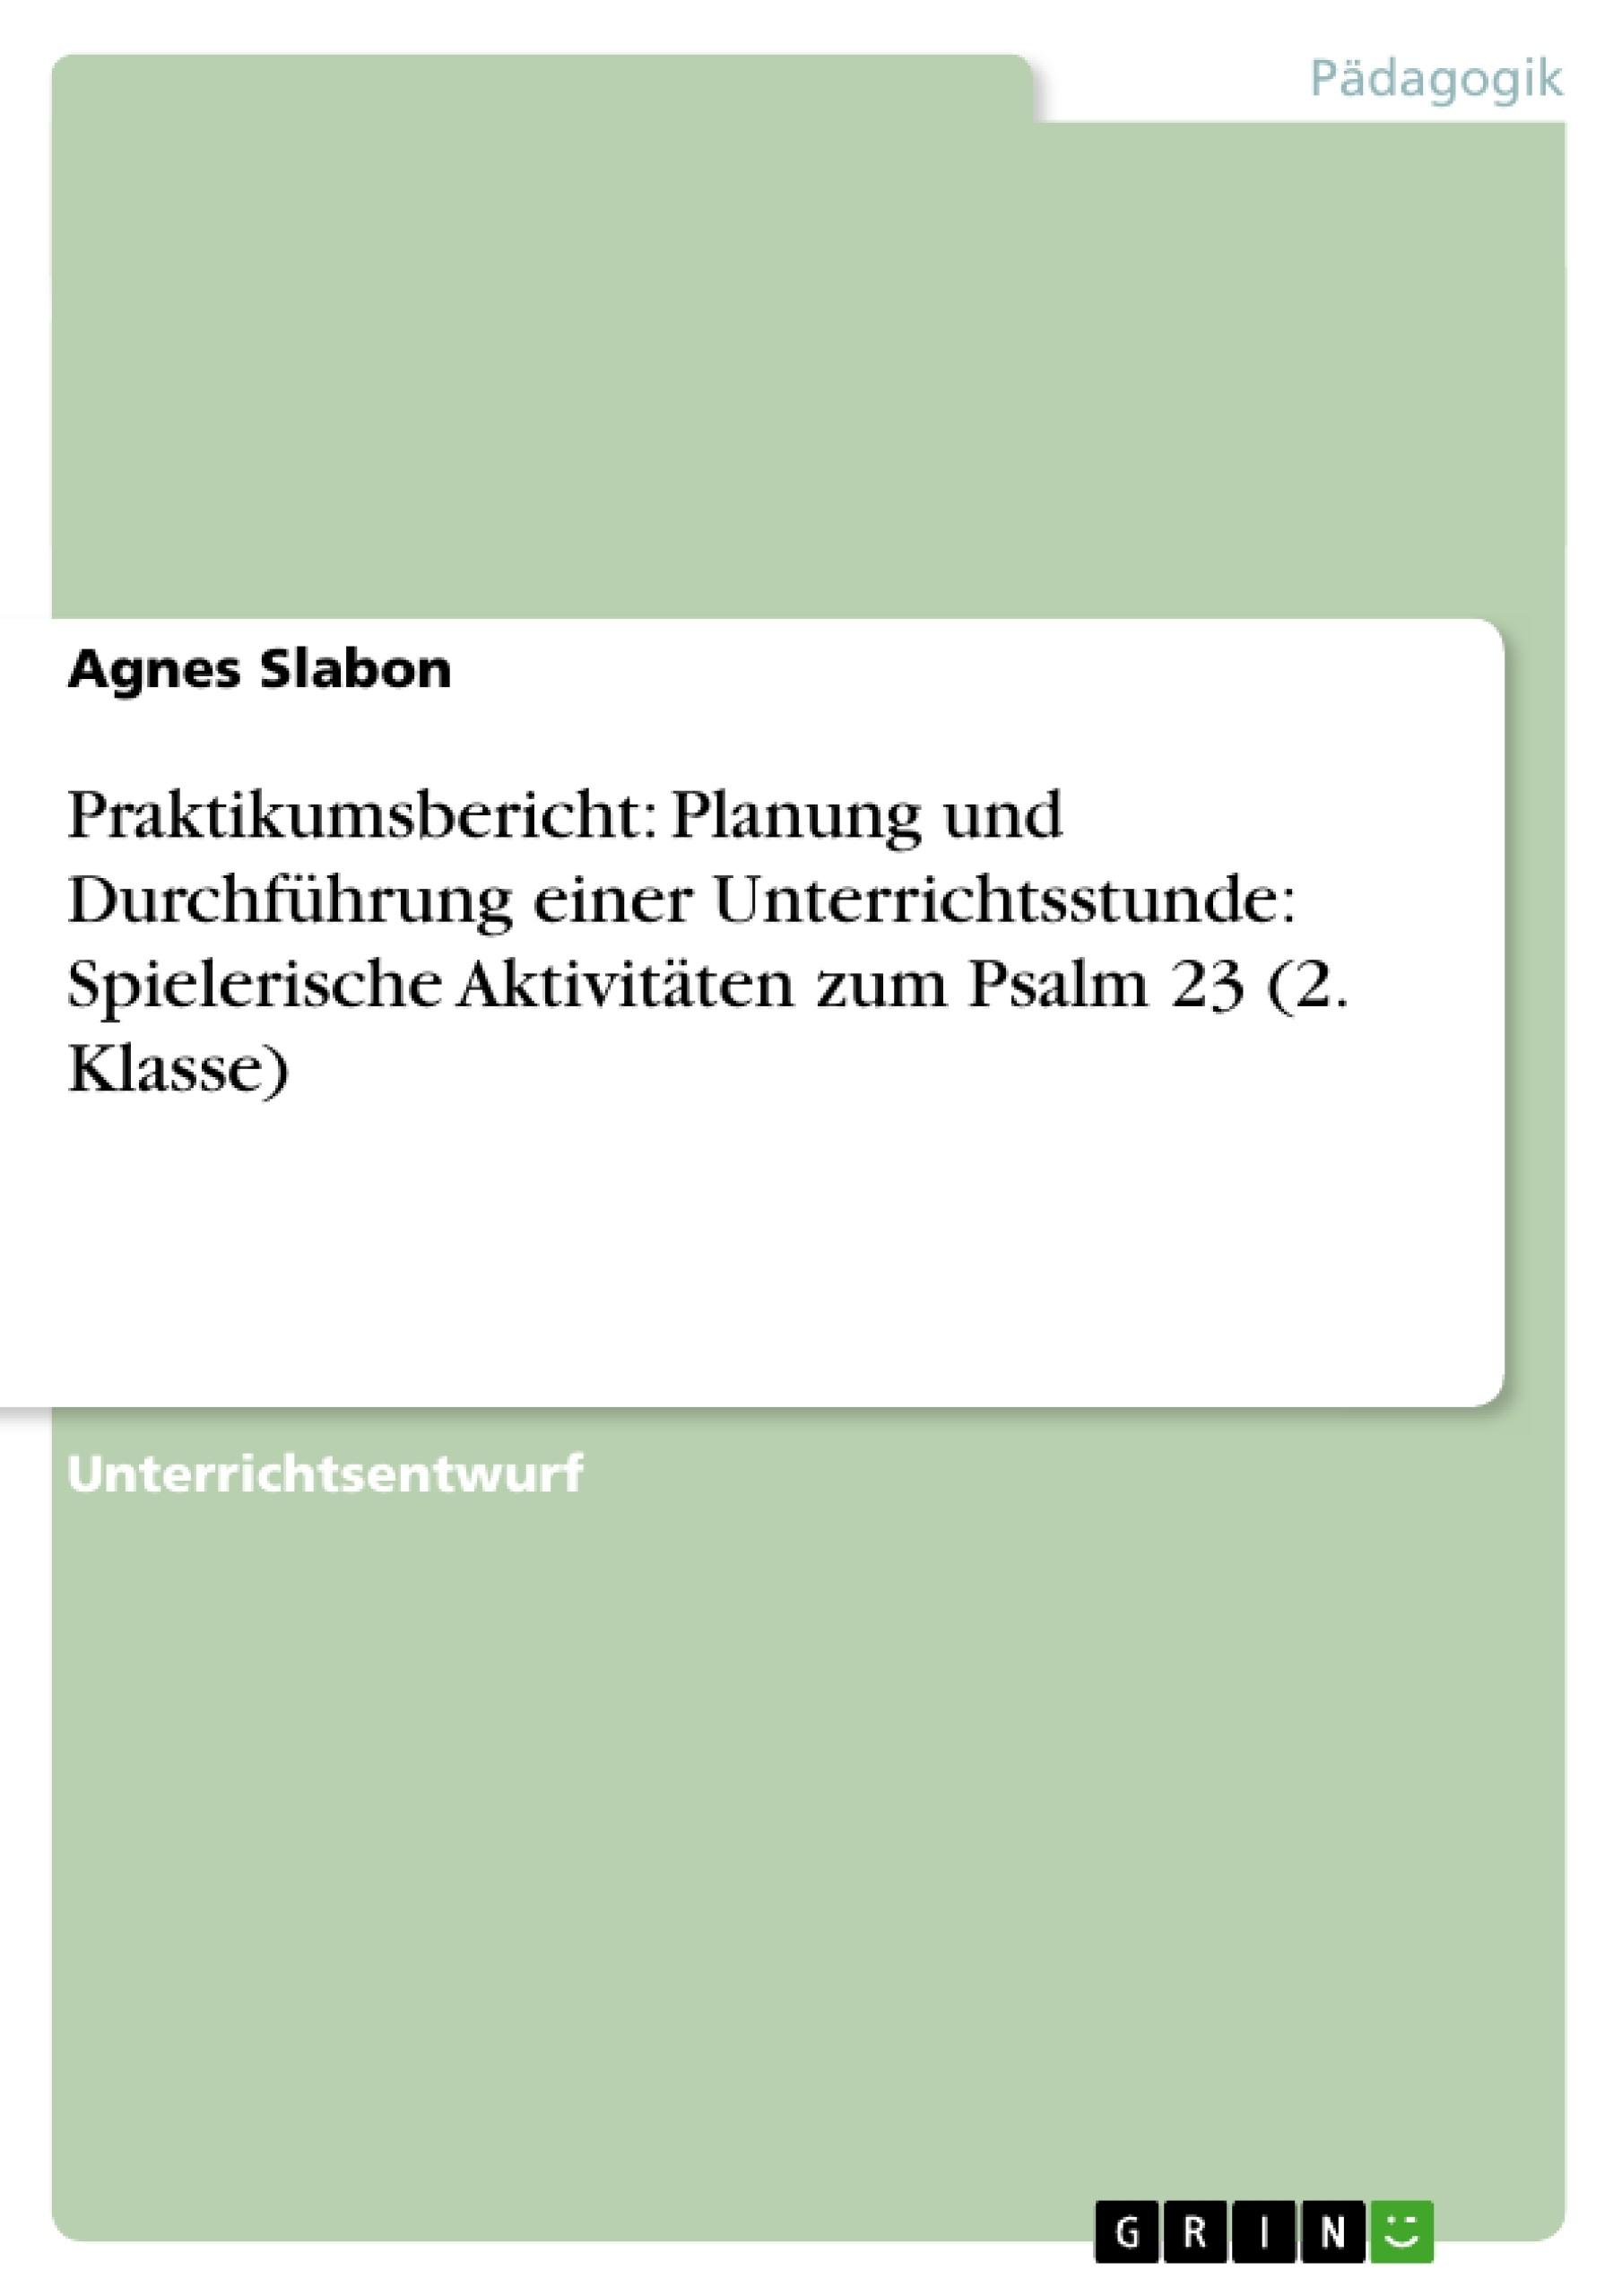 Titel: Praktikumsbericht: Planung und Durchführung einer Unterrichtsstunde: Spielerische Aktivitäten zum Psalm 23 (2. Klasse)